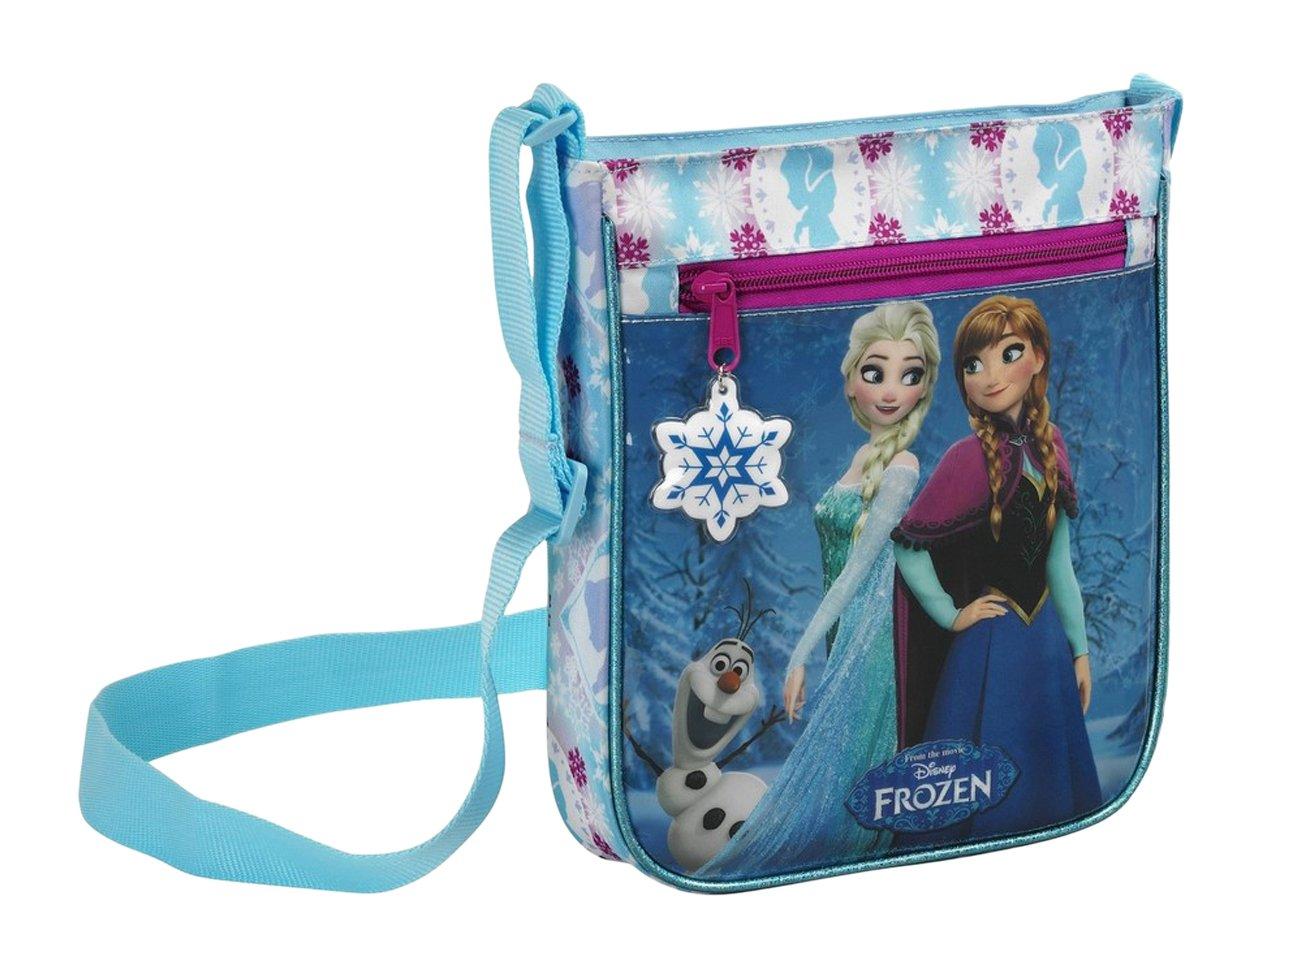 Disney Frozen - Die Eiskönigin Anna und Elsa, Umhängetasche, blau/weiß, 25 x 21 x 4,5 cm Umhängetasche blau/weiß Safta 048419